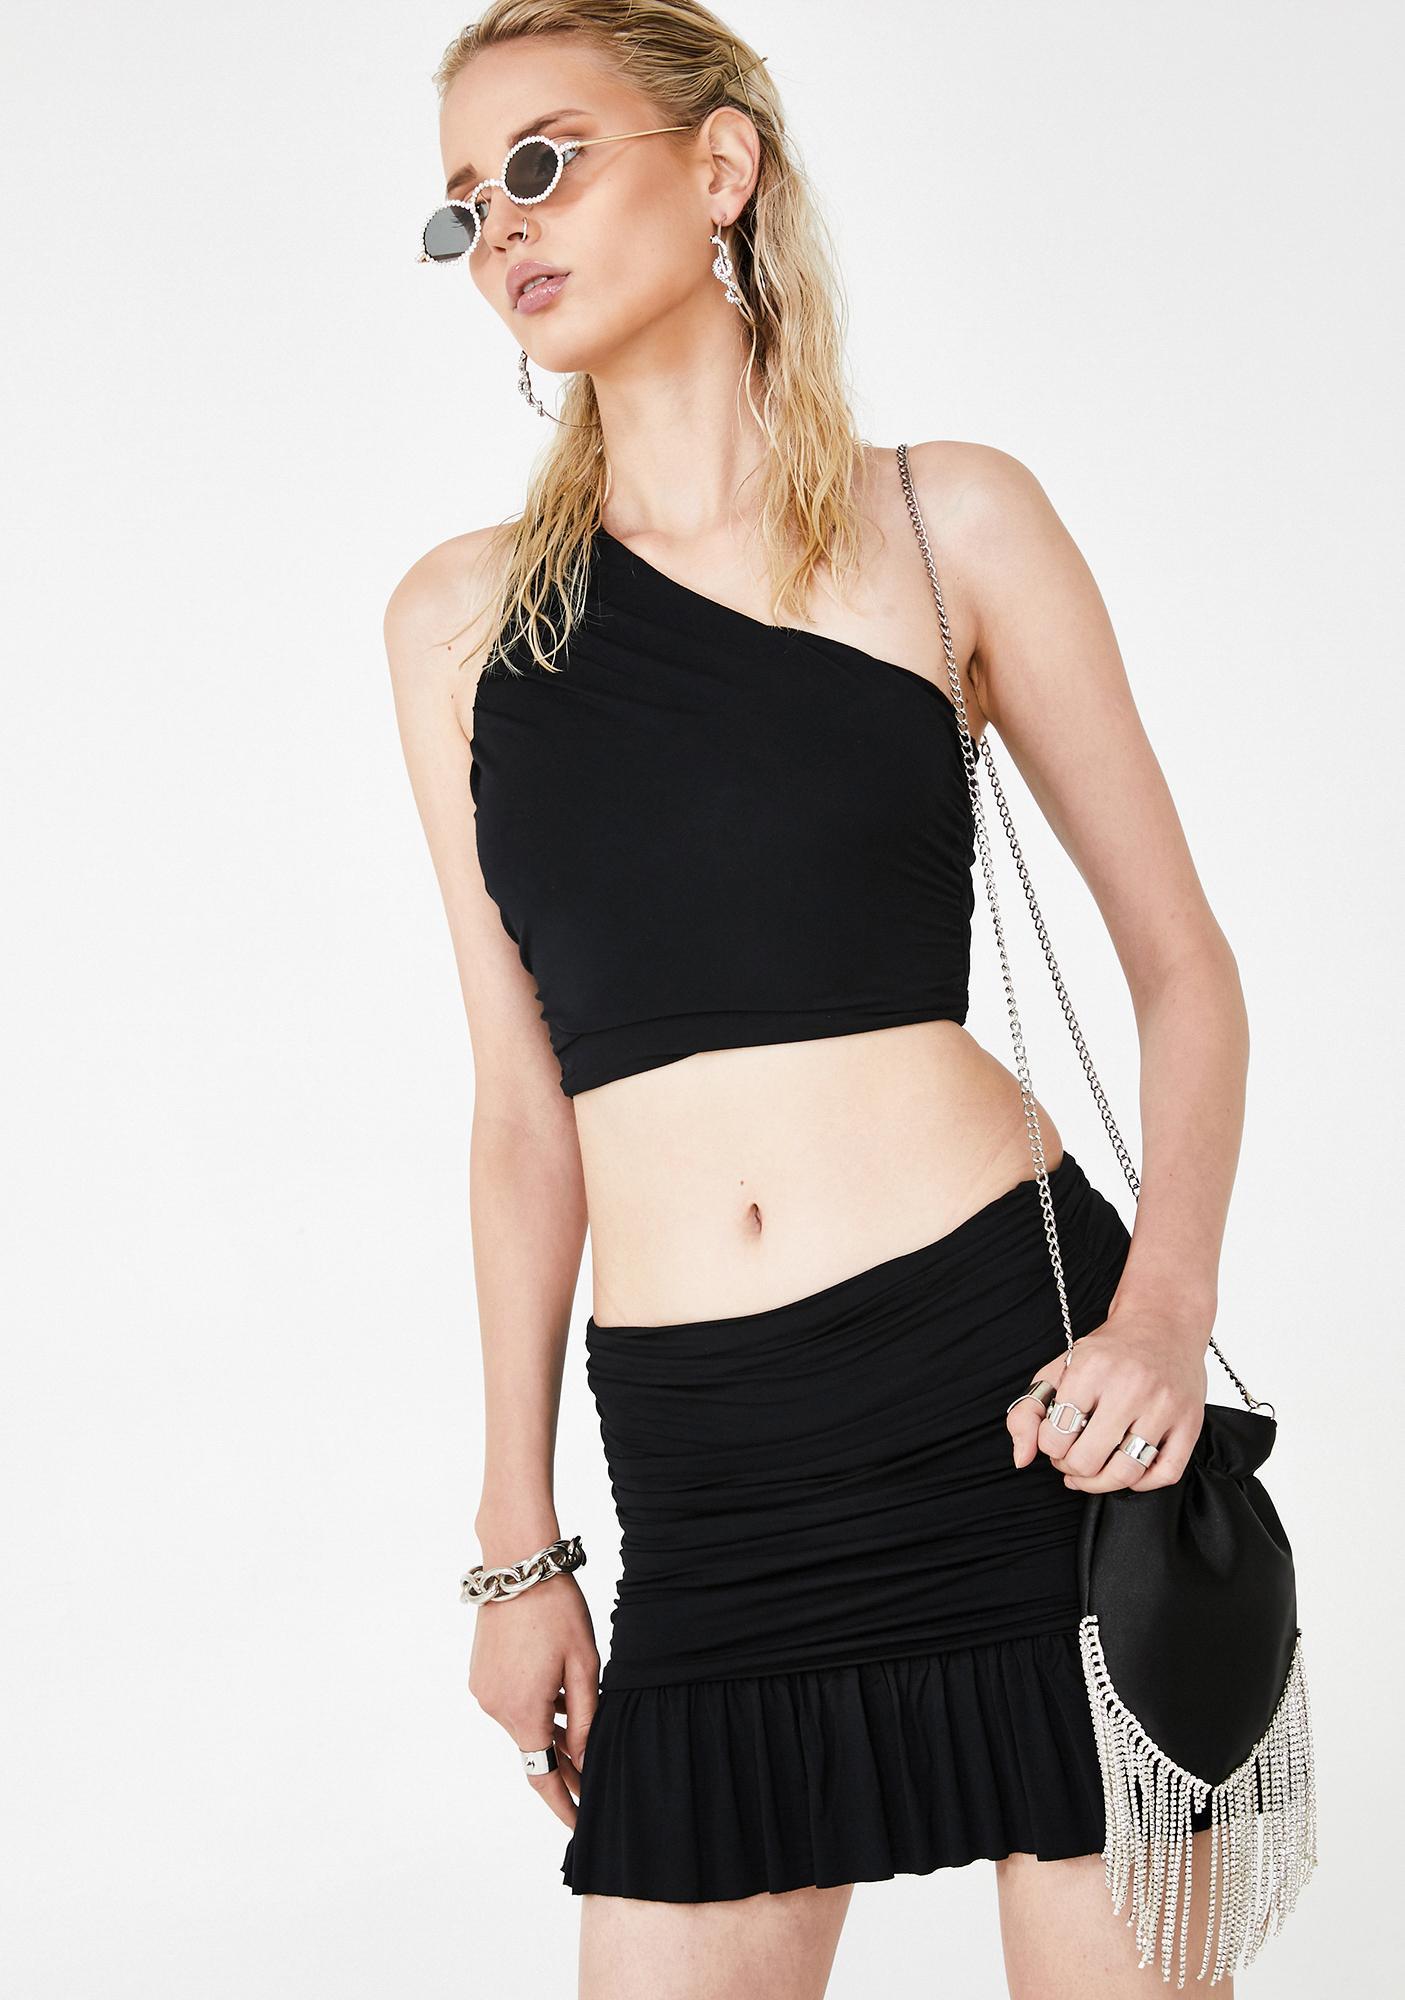 Kiki Riki Y2K Queen Skirt Set